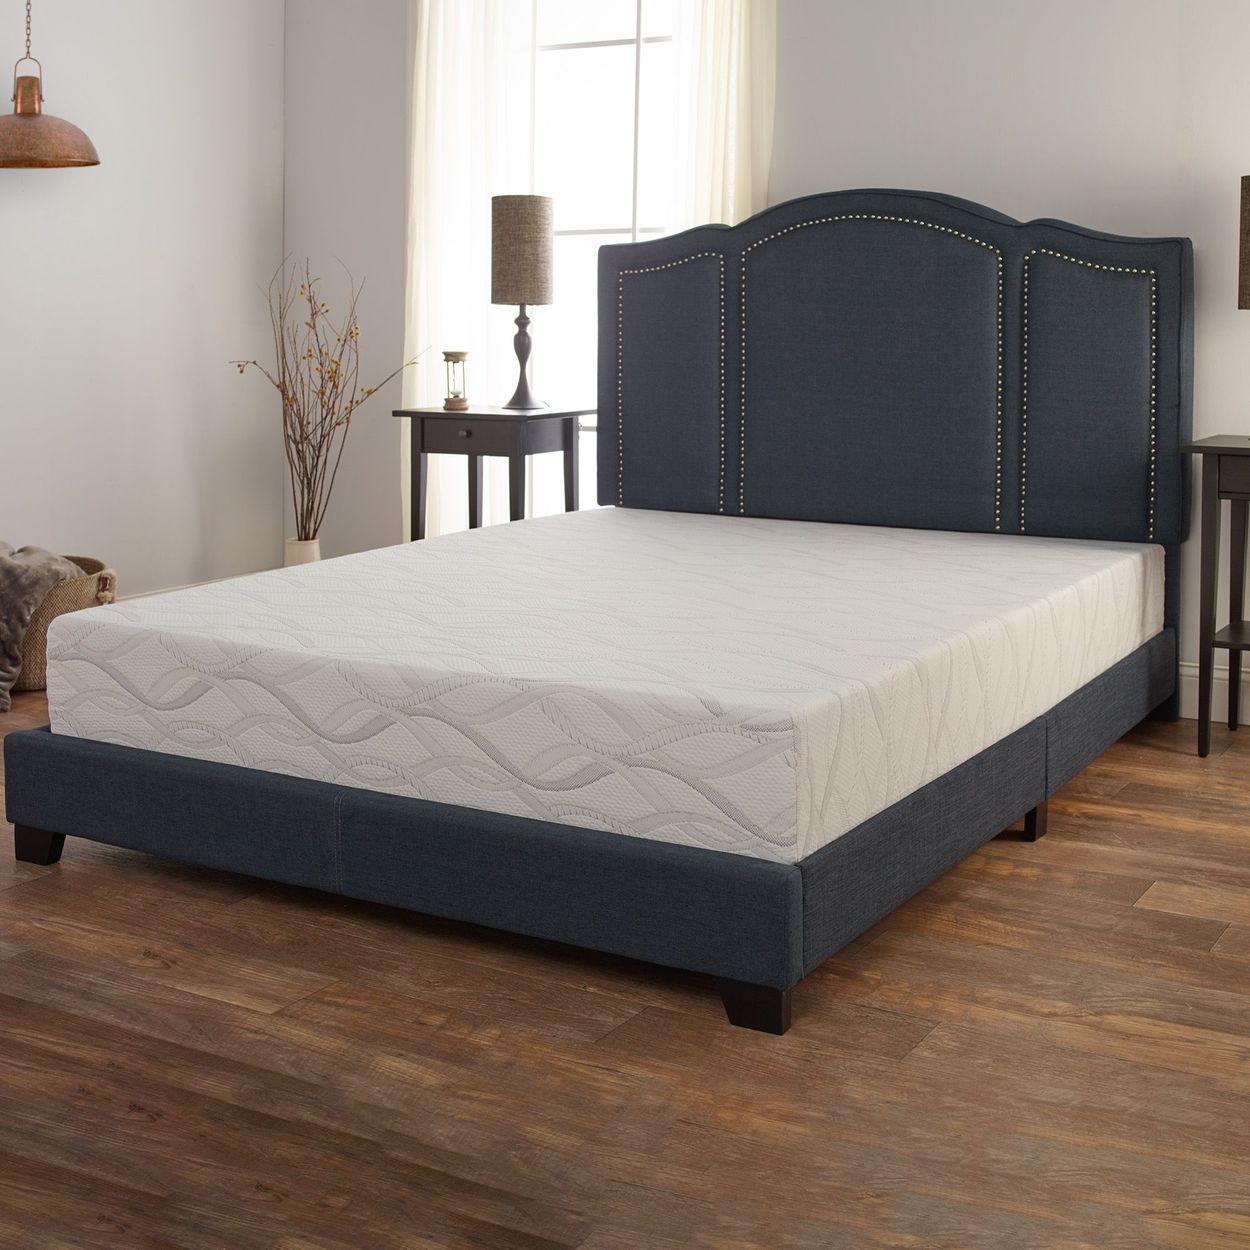 Picture of: Comfort Tech 10 Serene Firm Twin Xl Mattress 2 Pack